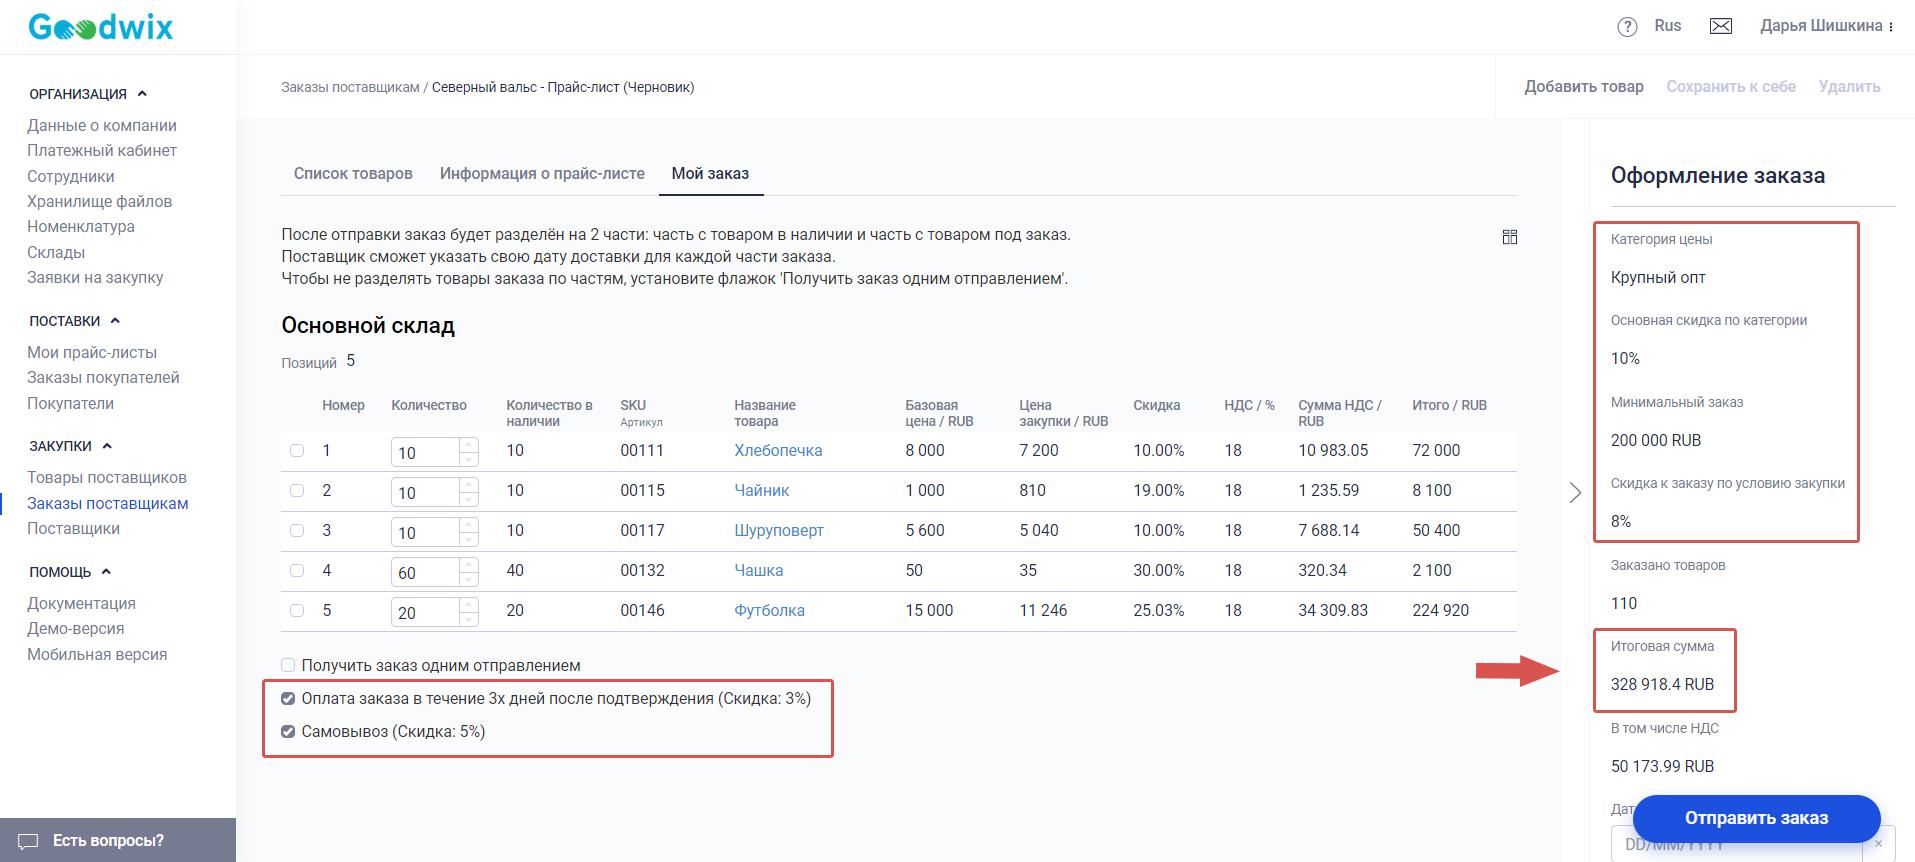 Пример расчета суммы заказа покупателя с применением скидок и категорий цен поставщика